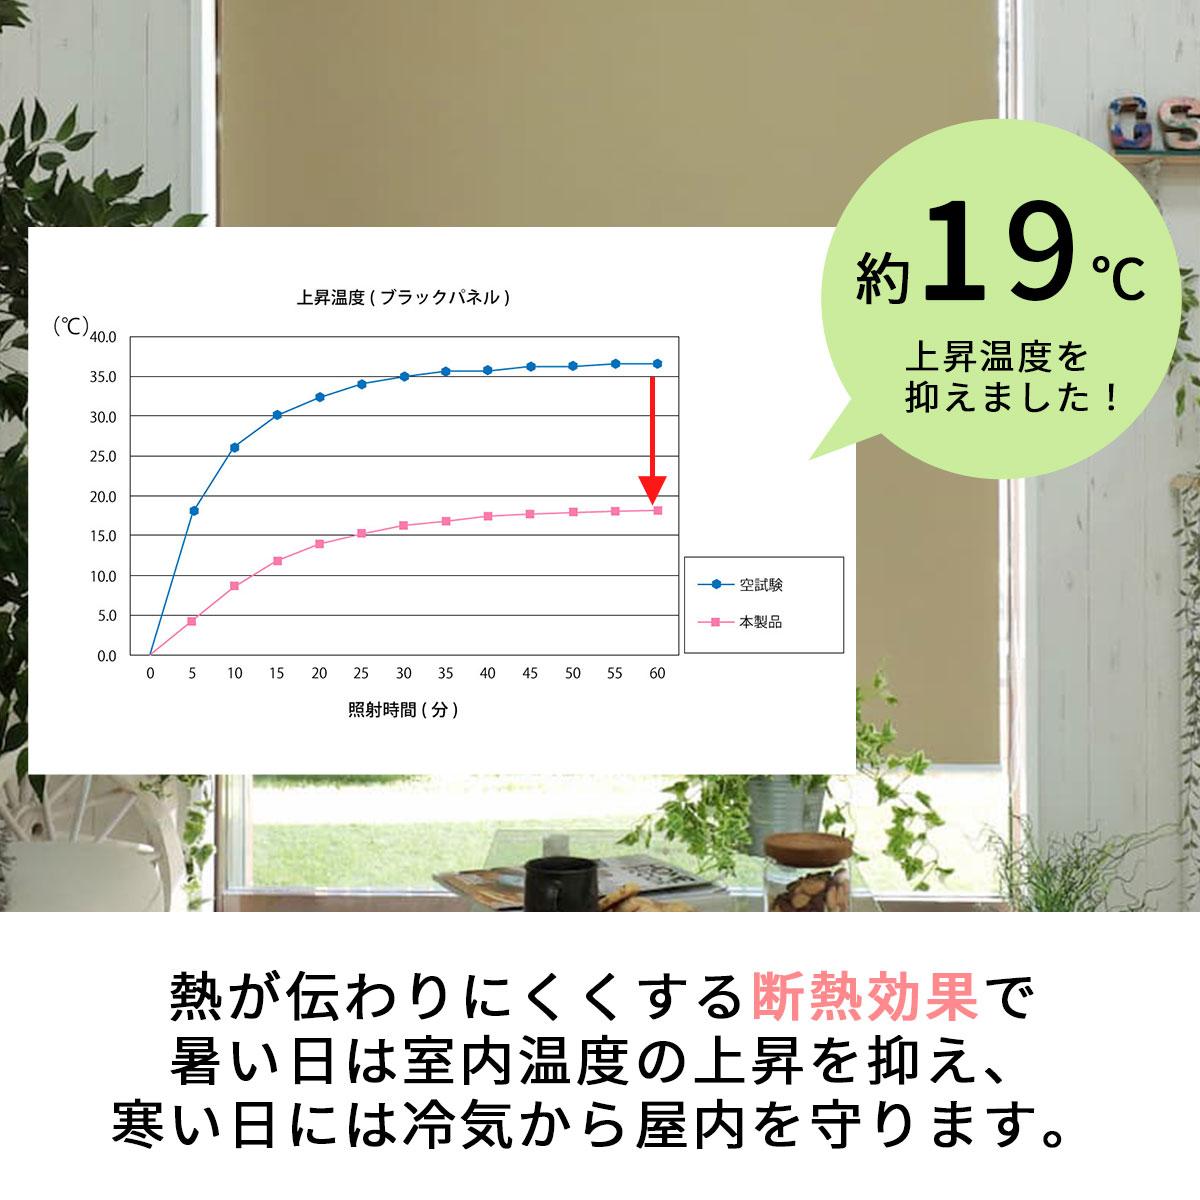 断熱効果グラフ